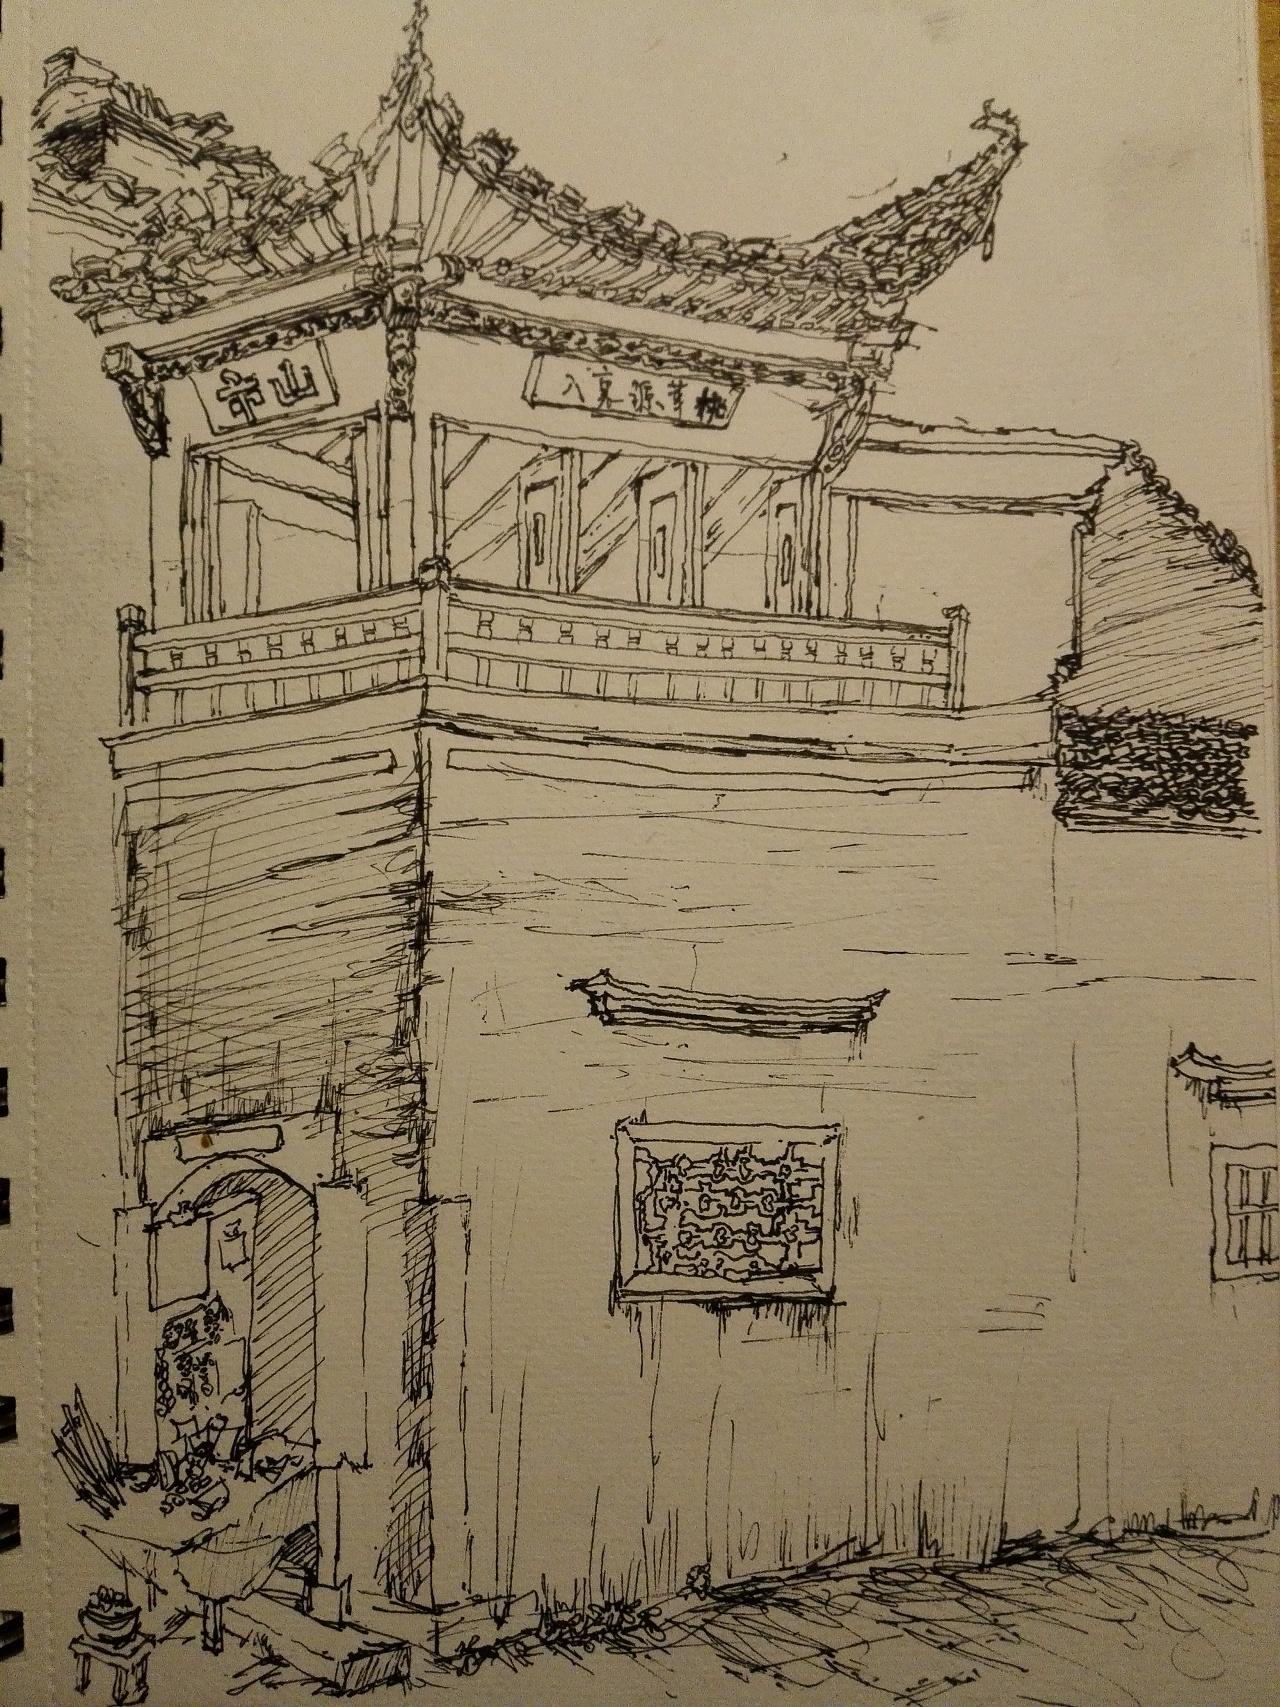 西递速写_西递、宏村写生 速写 插画 插画习作 Roc_wang - 原创作品 - 站酷 (ZCOOL)